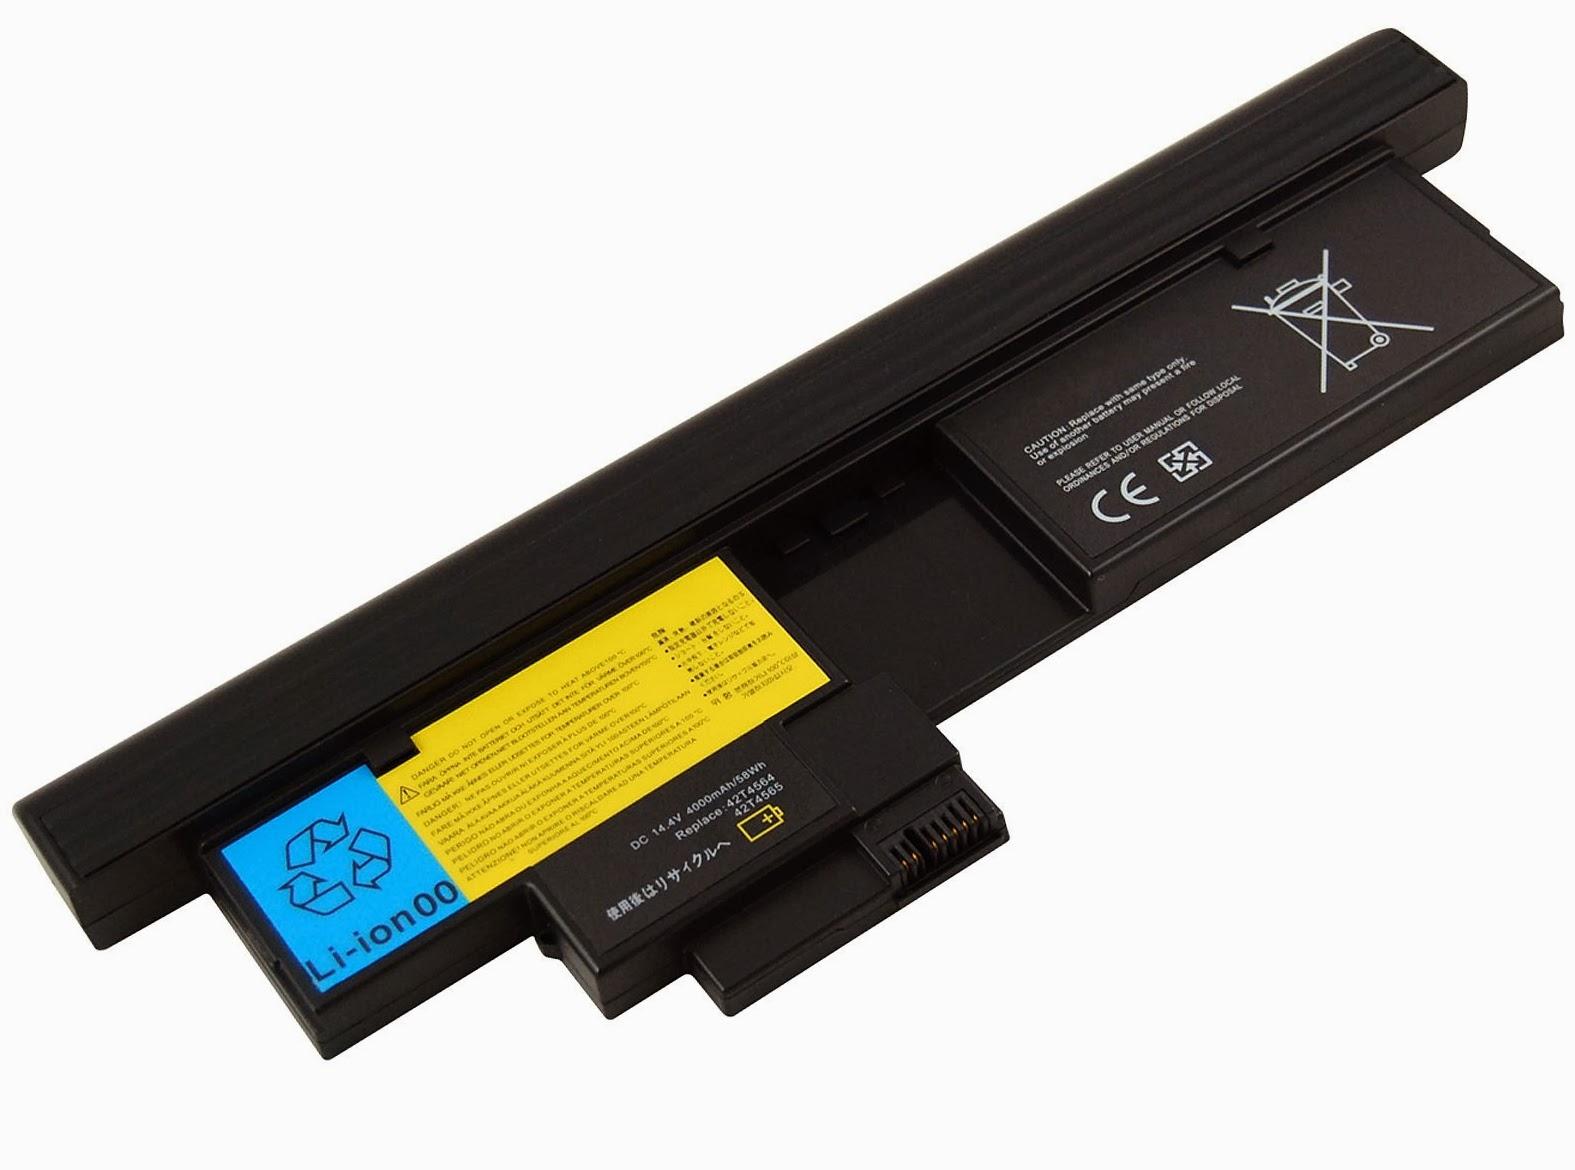 memperbaiki baterai laptop yang tidak bisa di cas